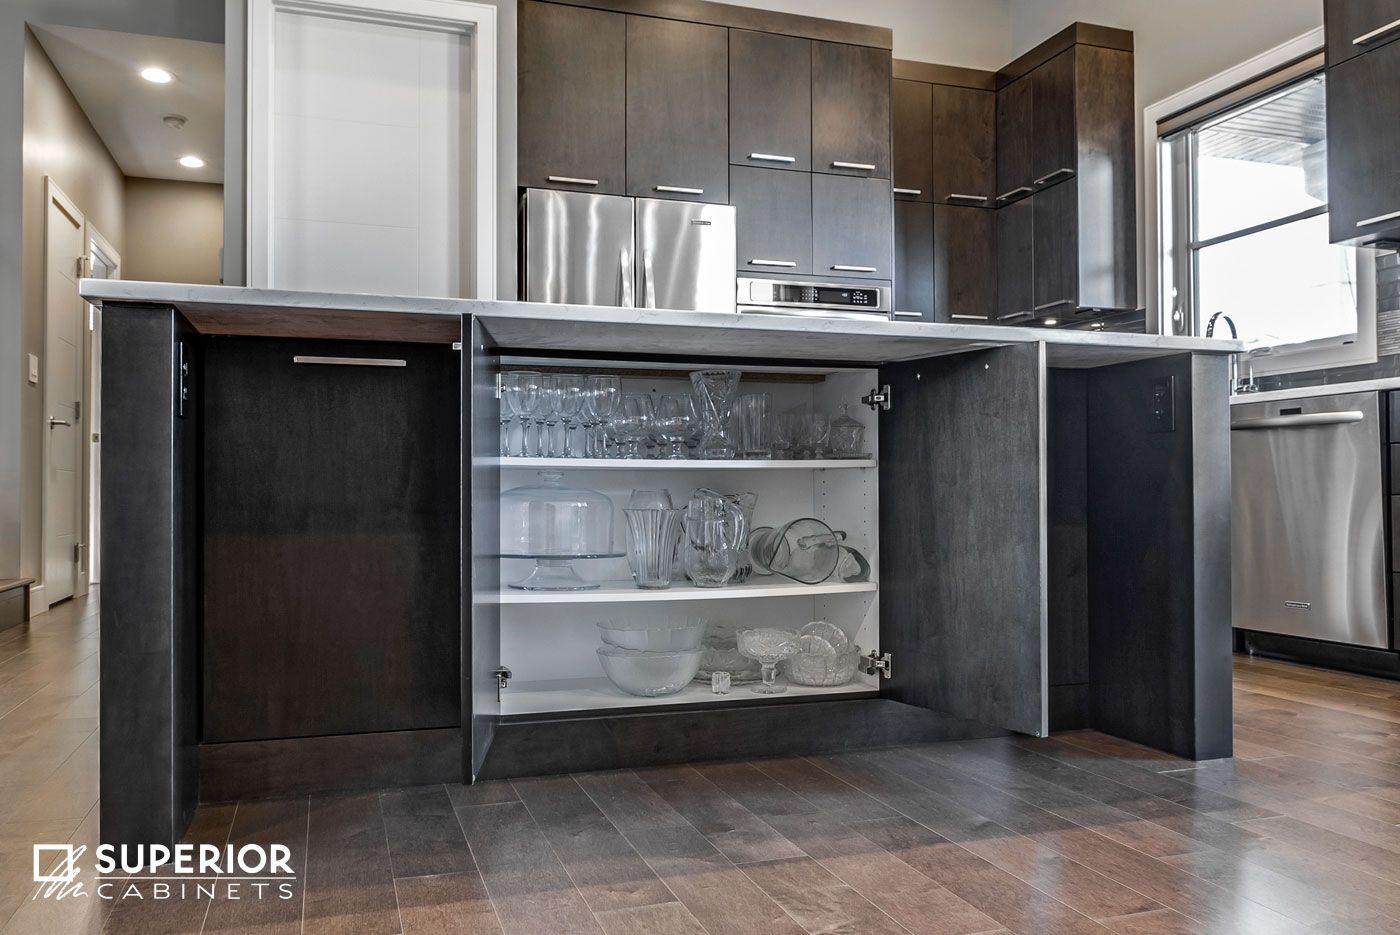 Design By: Kevin Worman, Superior Cabinets Saskatoon; Interior Design:  @studio2point0 ;